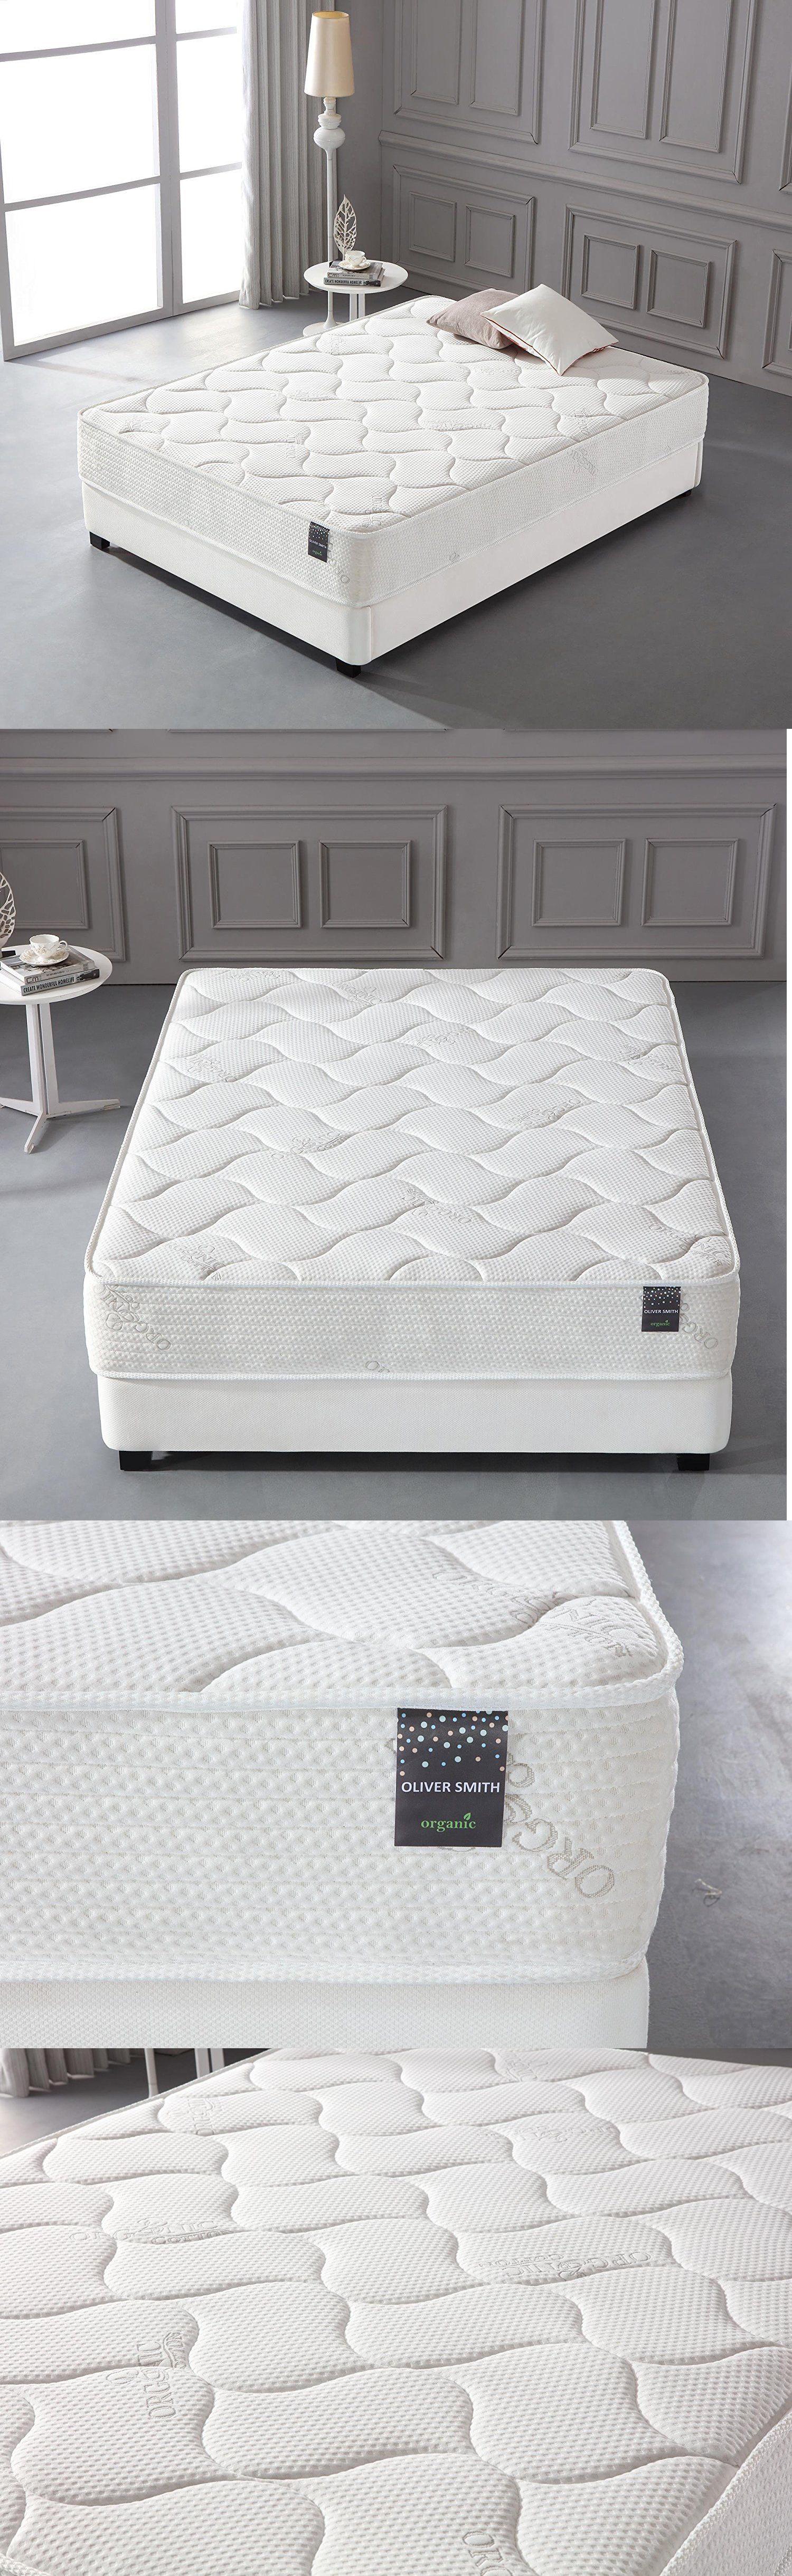 Mattresses 131588: Memory Foam Mattress Cool Comfort Firm 10 Inch Twin Full  King Queen Size